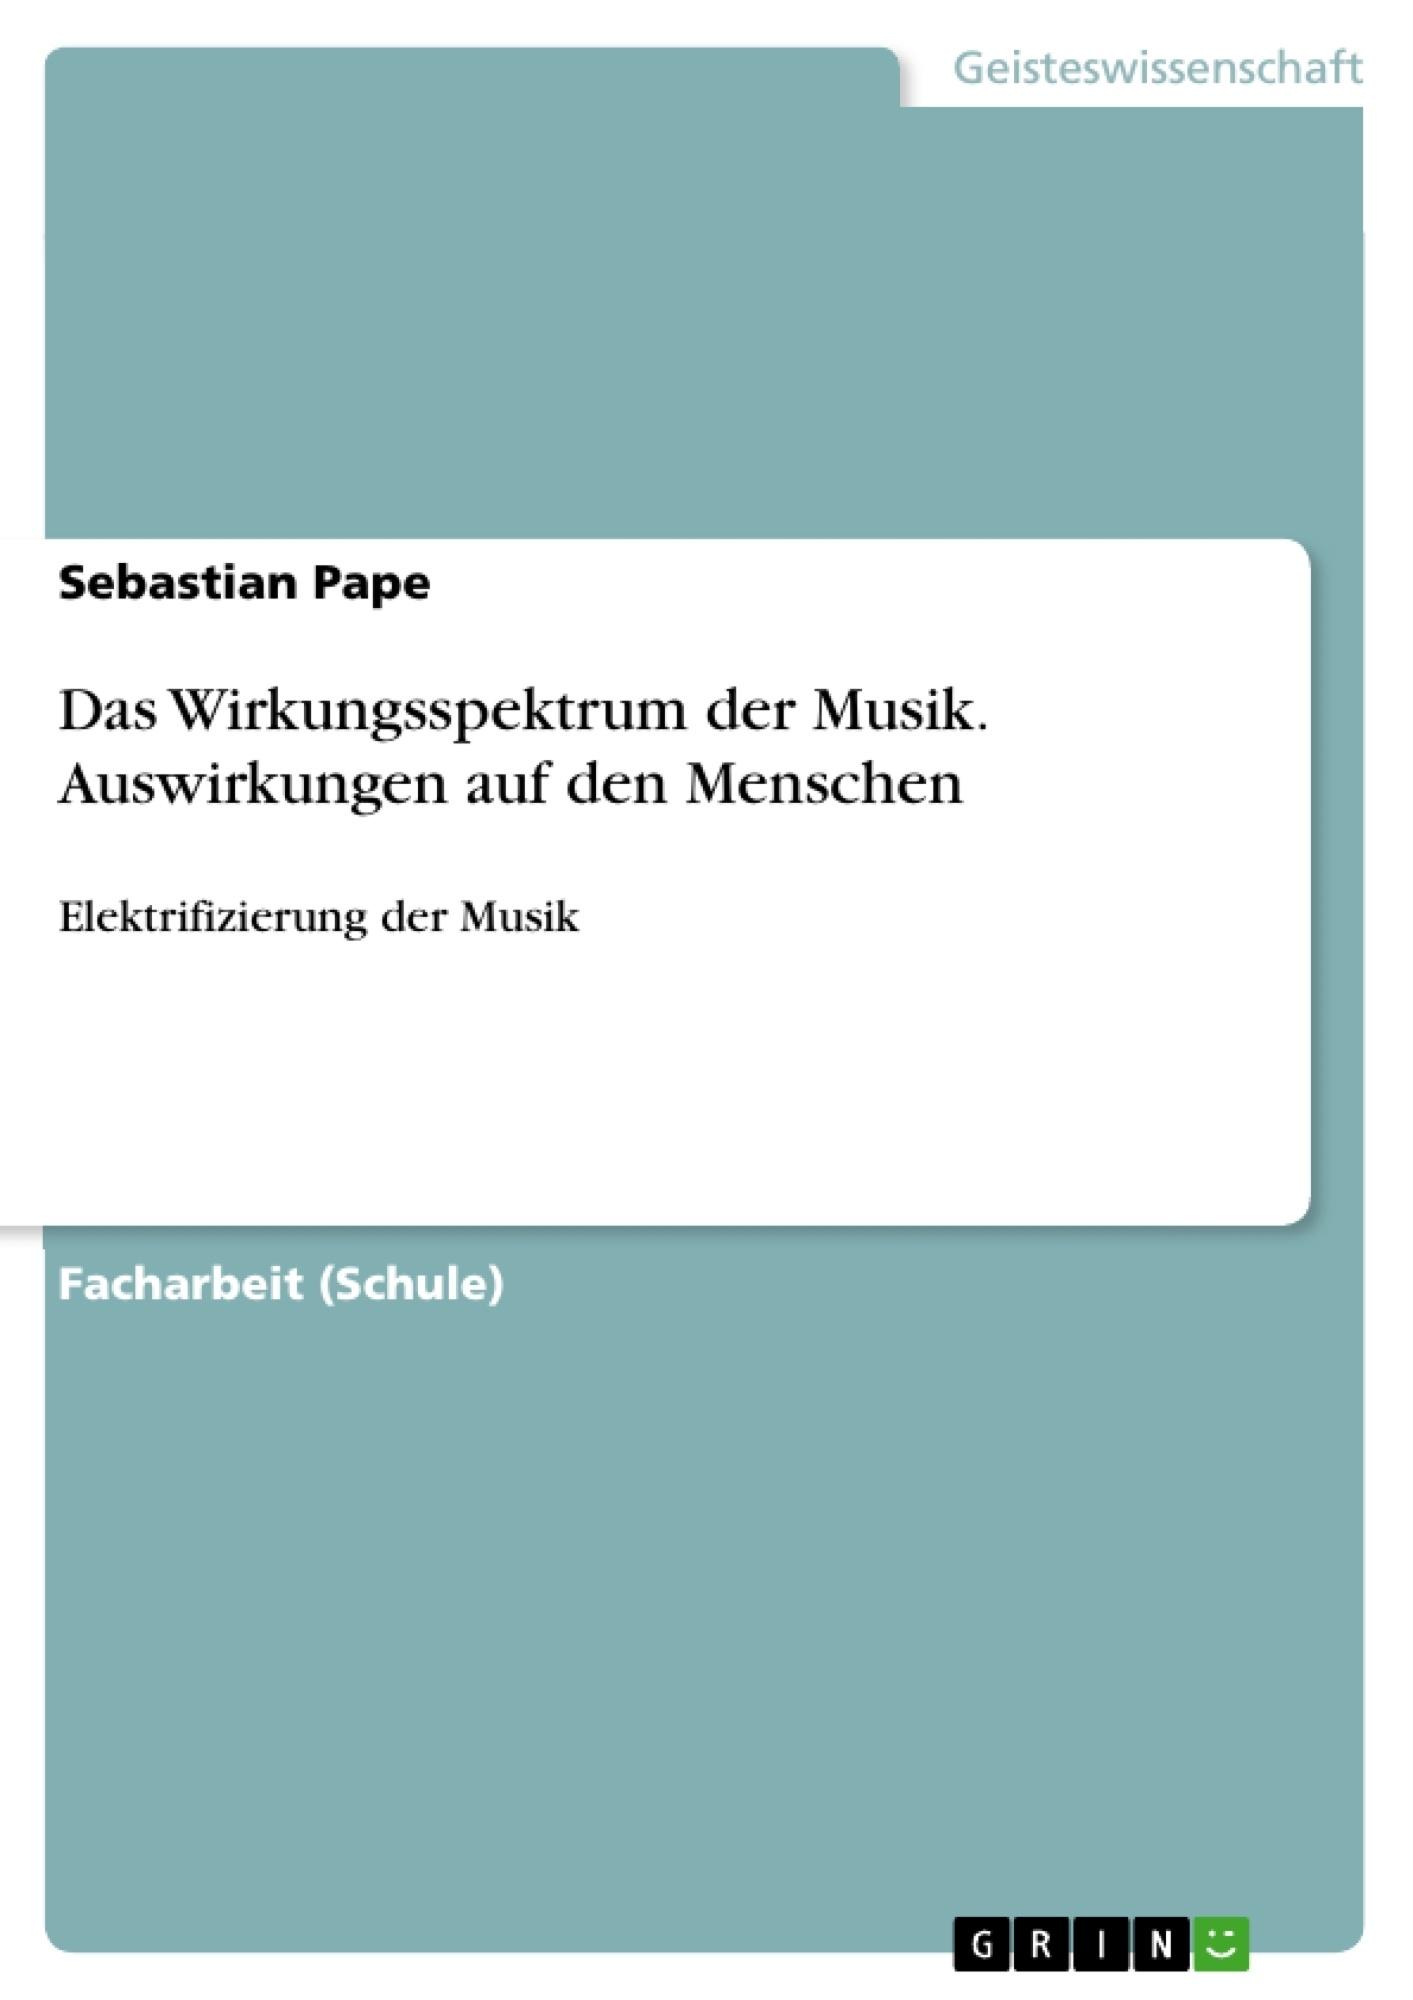 Titel: Das Wirkungsspektrum der Musik. Auswirkungen auf den Menschen